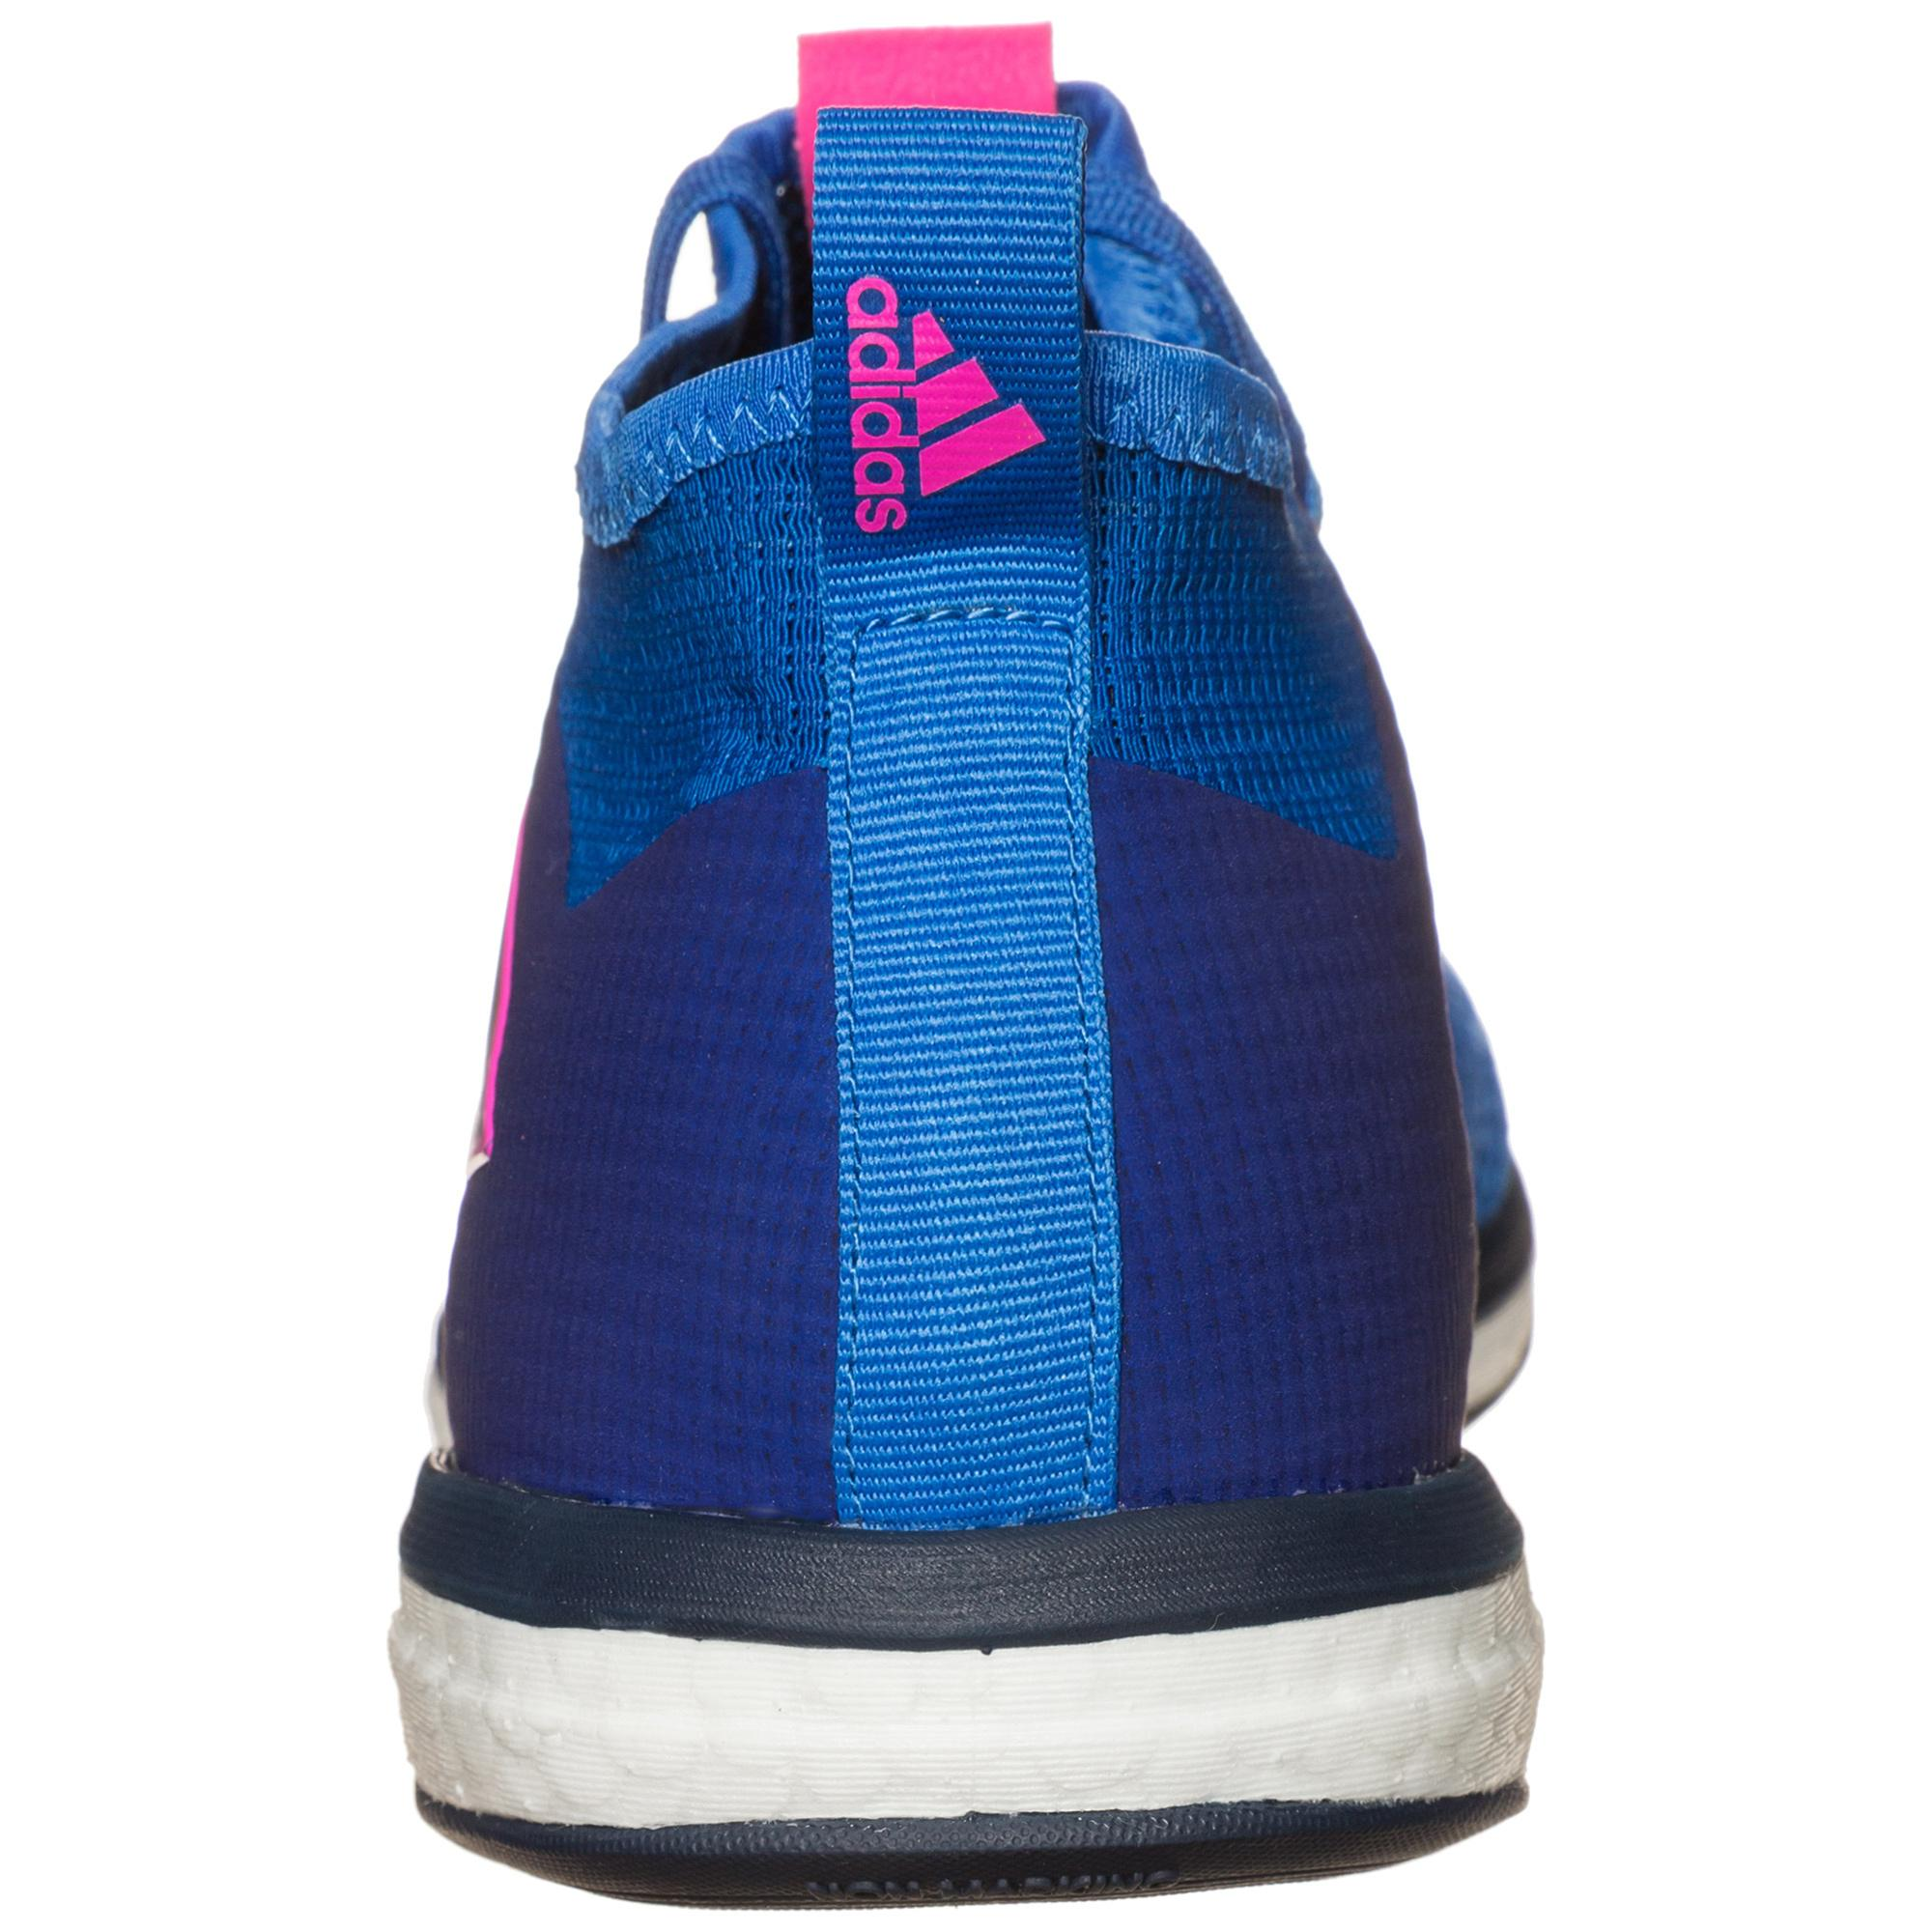 Adidas ACE Tango 17.1 Fußballschuhe Herren blau blau blau / dunkelblau im Online Shop von SportScheck kaufen Gute Qualität beliebte Schuhe 7d0518